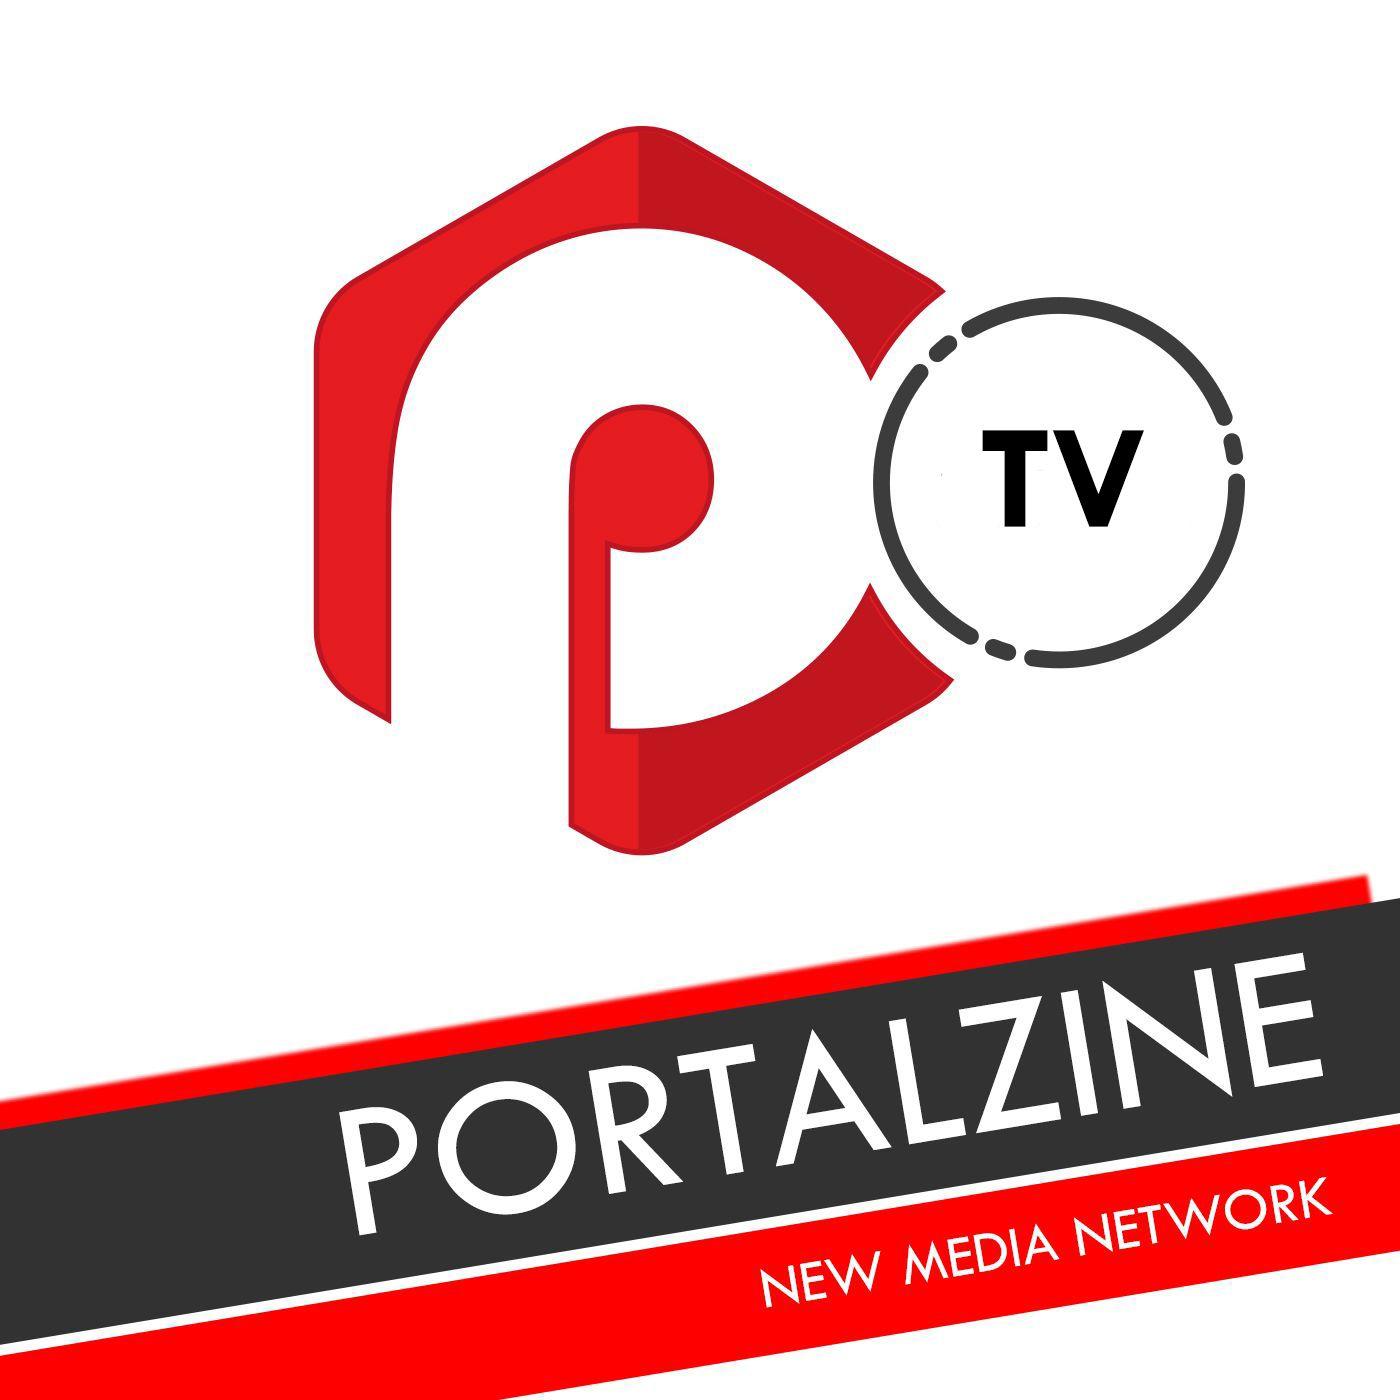 <![CDATA[portalZINE.TV - Spass an neuer Technologie [HD]]]>